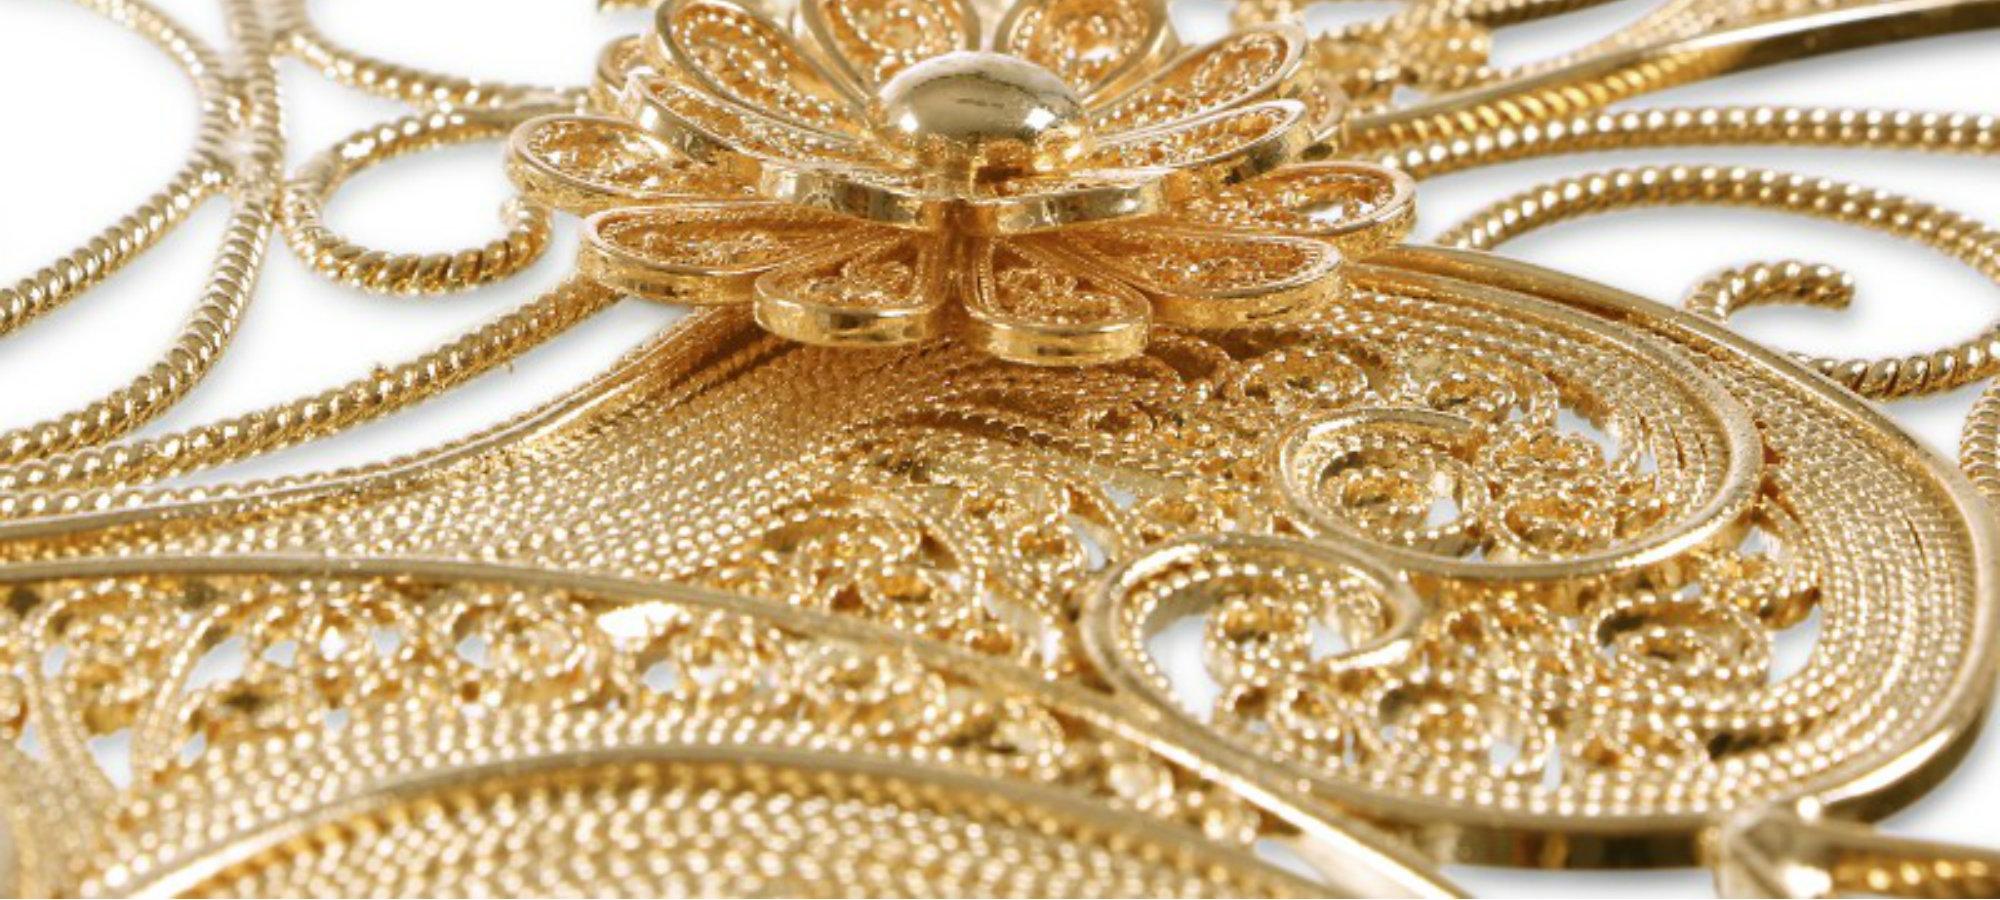 Marcas de lujo: Boca do Lobo presenta la artesania de filigrana marcas de lujo Marcas de lujo: Boca do Lobo presenta la artesania de filigrana featured 2